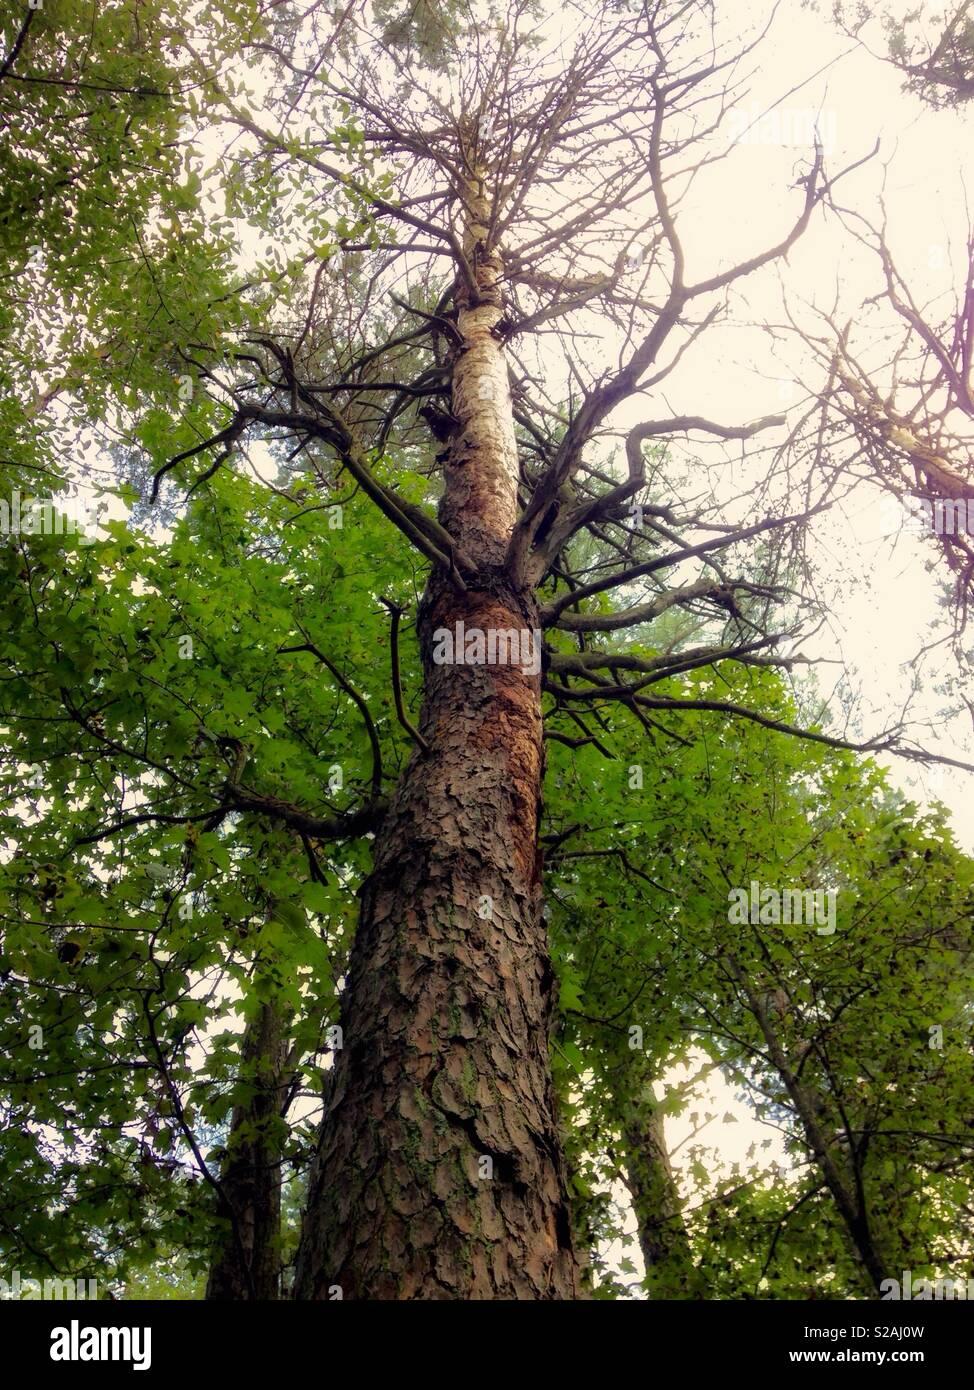 Nach oben Blick auf einen toten Baum mit live, grüne Bäume im Hintergrund Stockbild